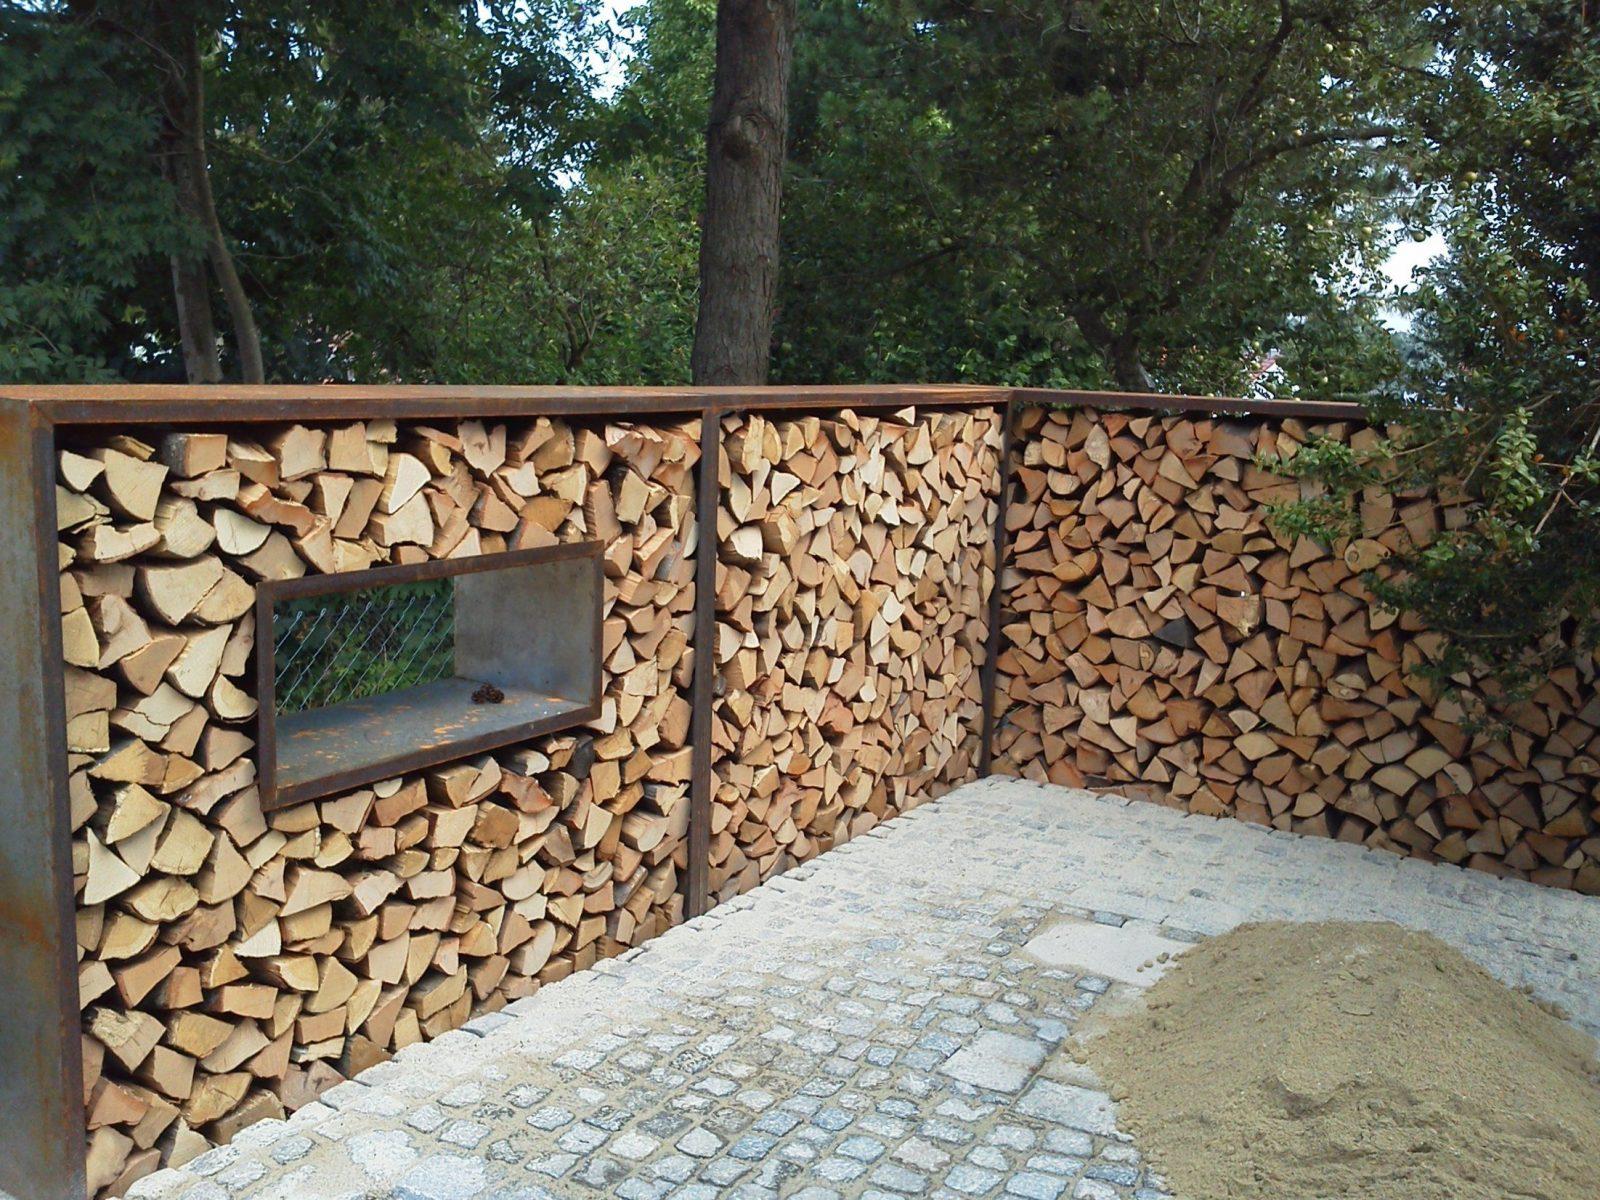 Sichtschutz Holzlager  Gartendekoration Hauner von Sichtschutz Garten Metall Rost Bild